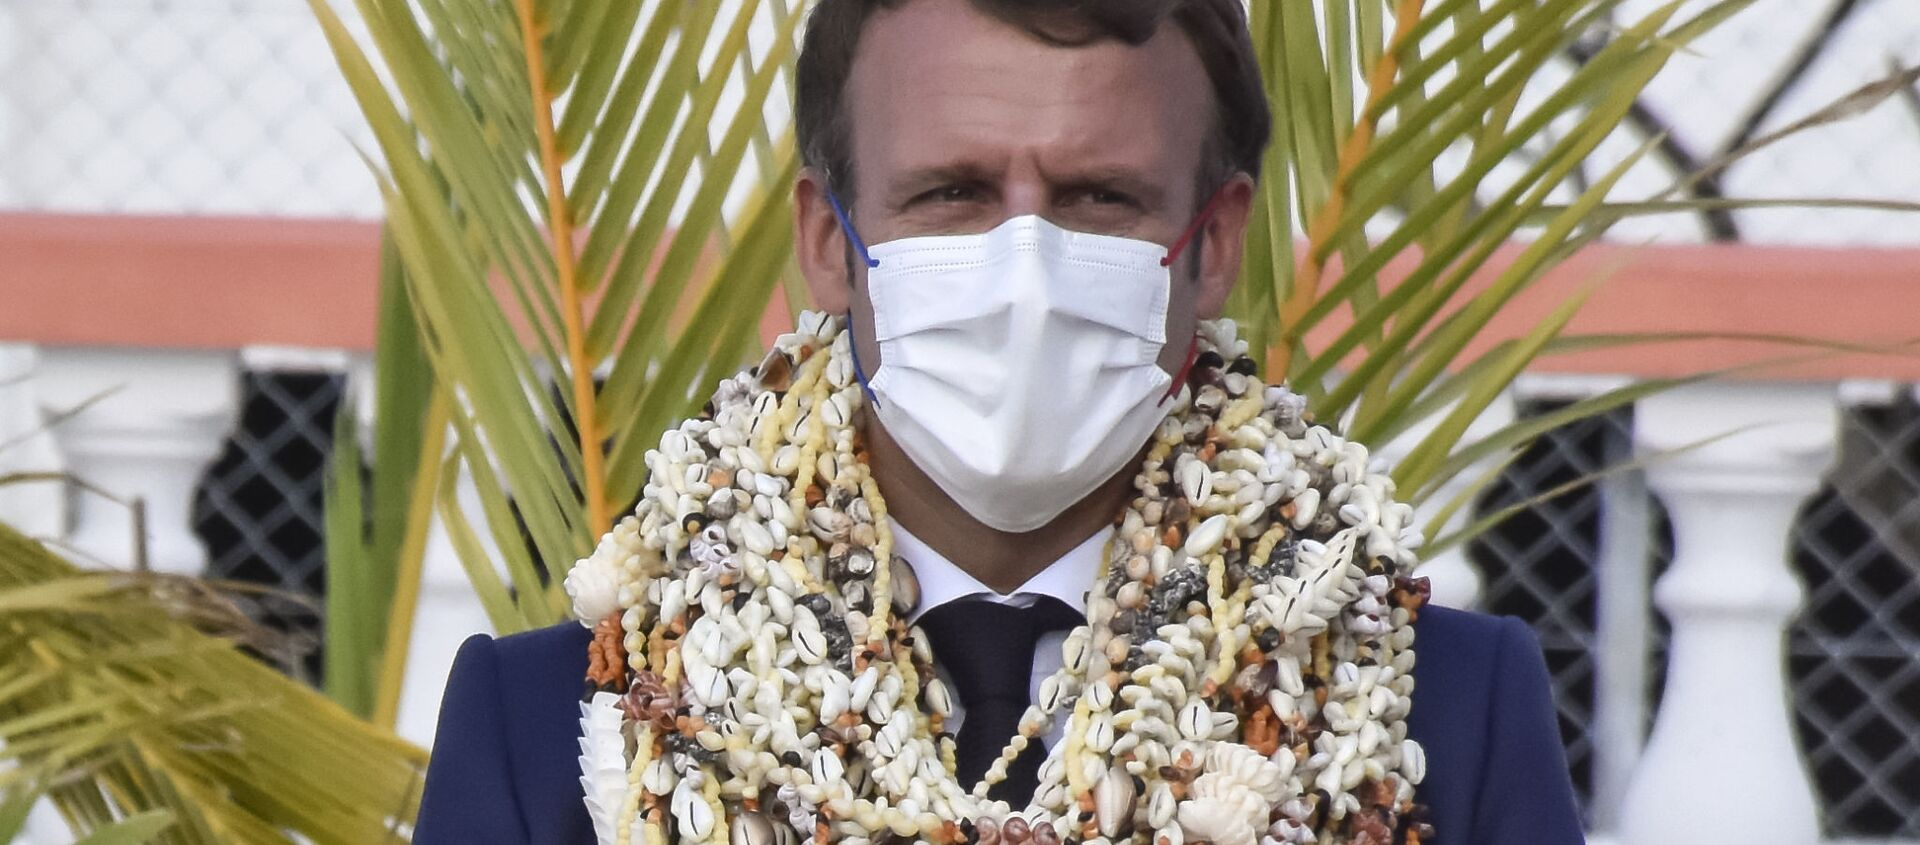 Emmanuel Macron décoré de nombreux colliers de fleurs et de coquillages à son arrivée sur l'atoll de Manihi en Polynésie française - Sputnik France, 1920, 27.07.2021